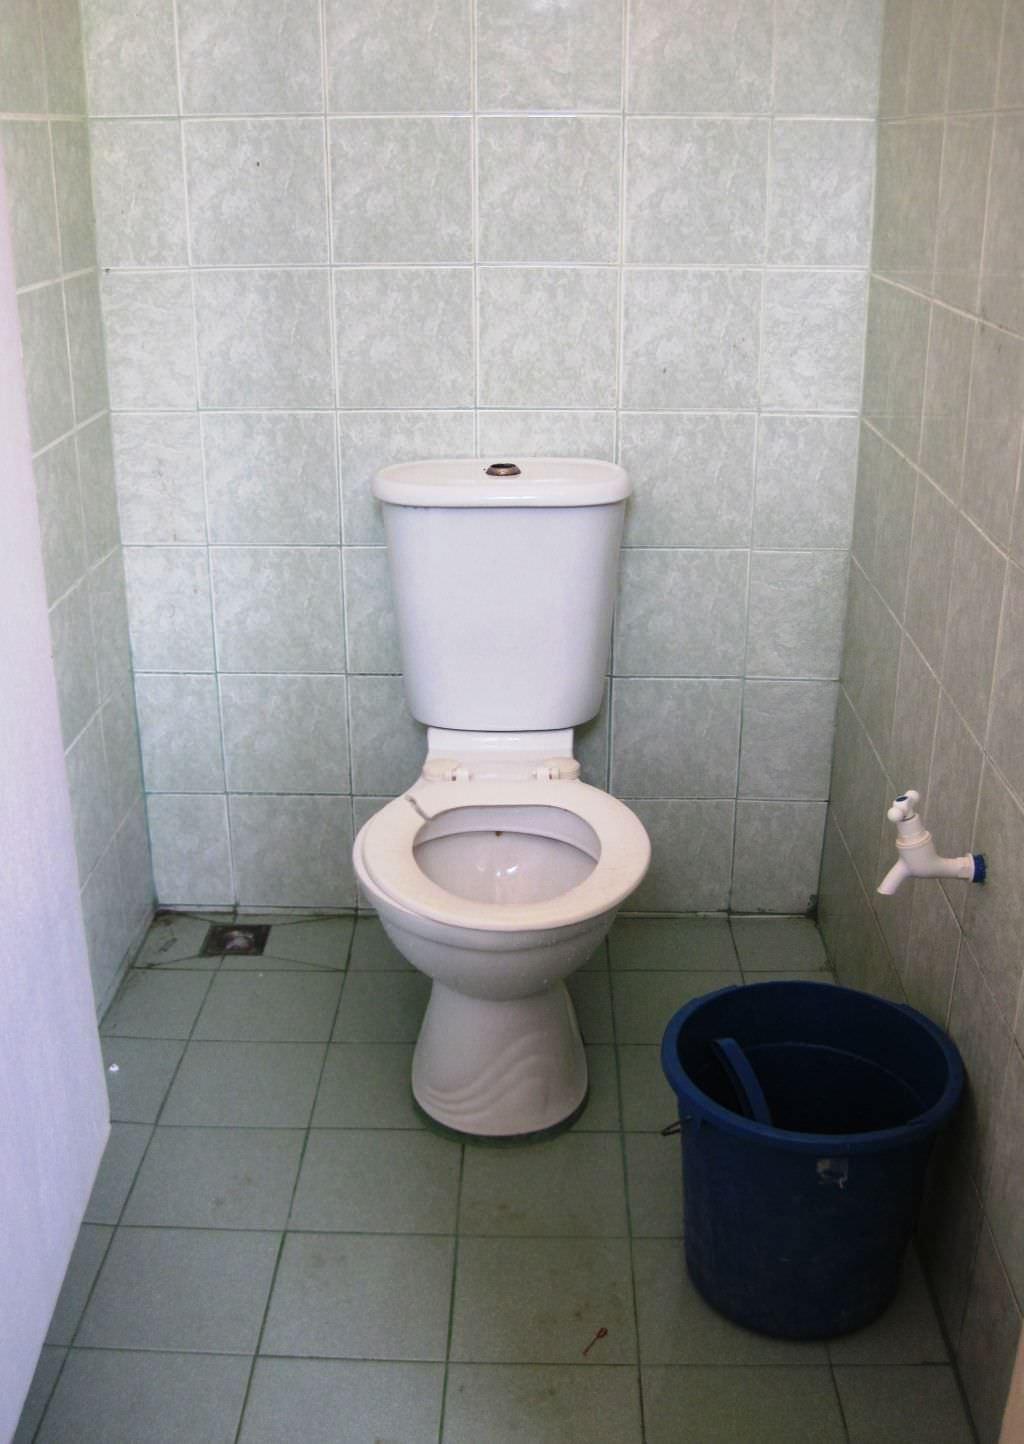 Öffentliches WC auf den Philippinen